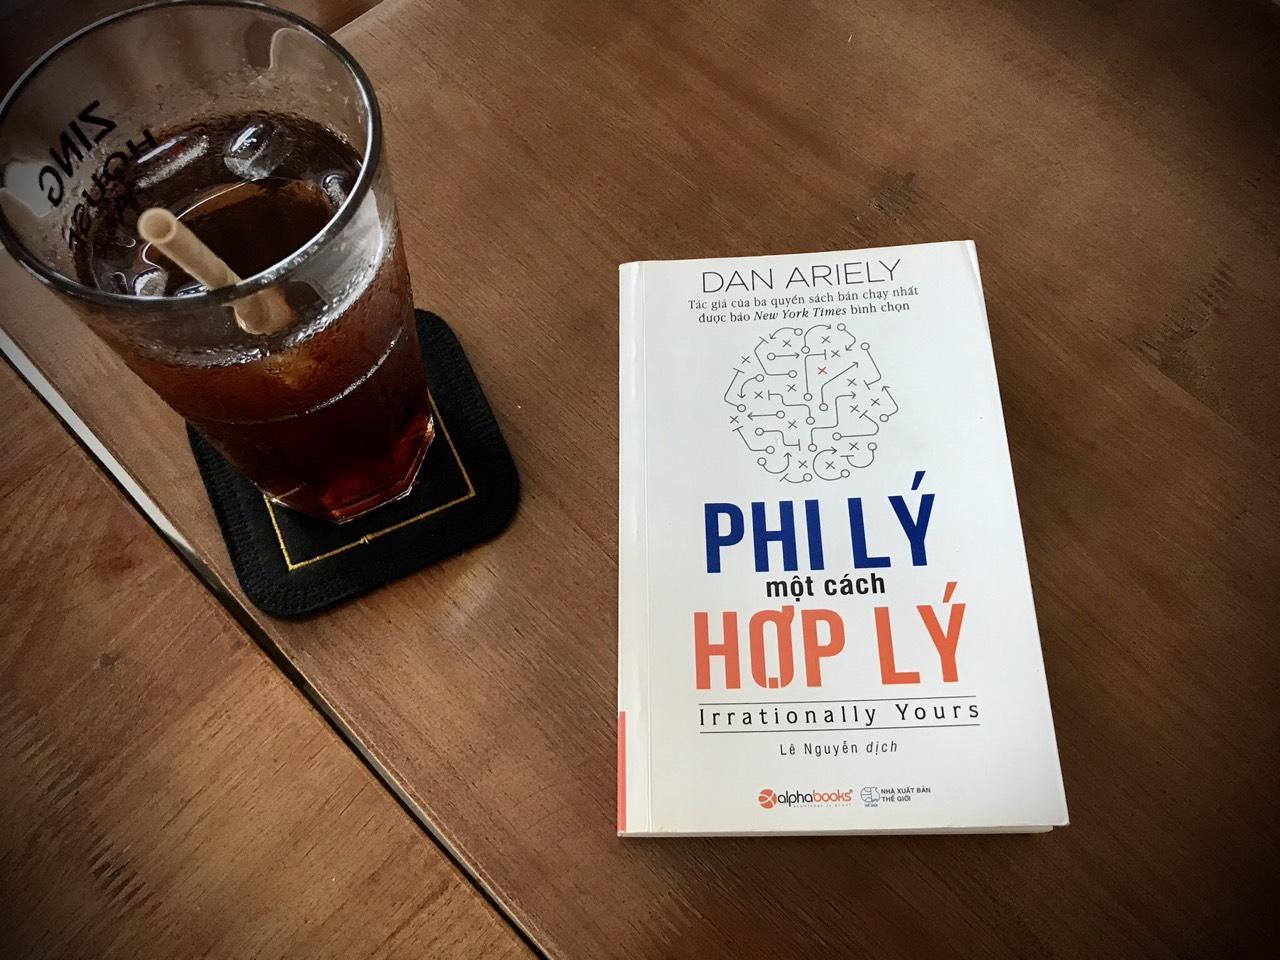 [Review Sách] Phi Lý Một Cách Hợp Lý: Hỏi và đáp về những vấn đề phi lý, đọc cũng vui!